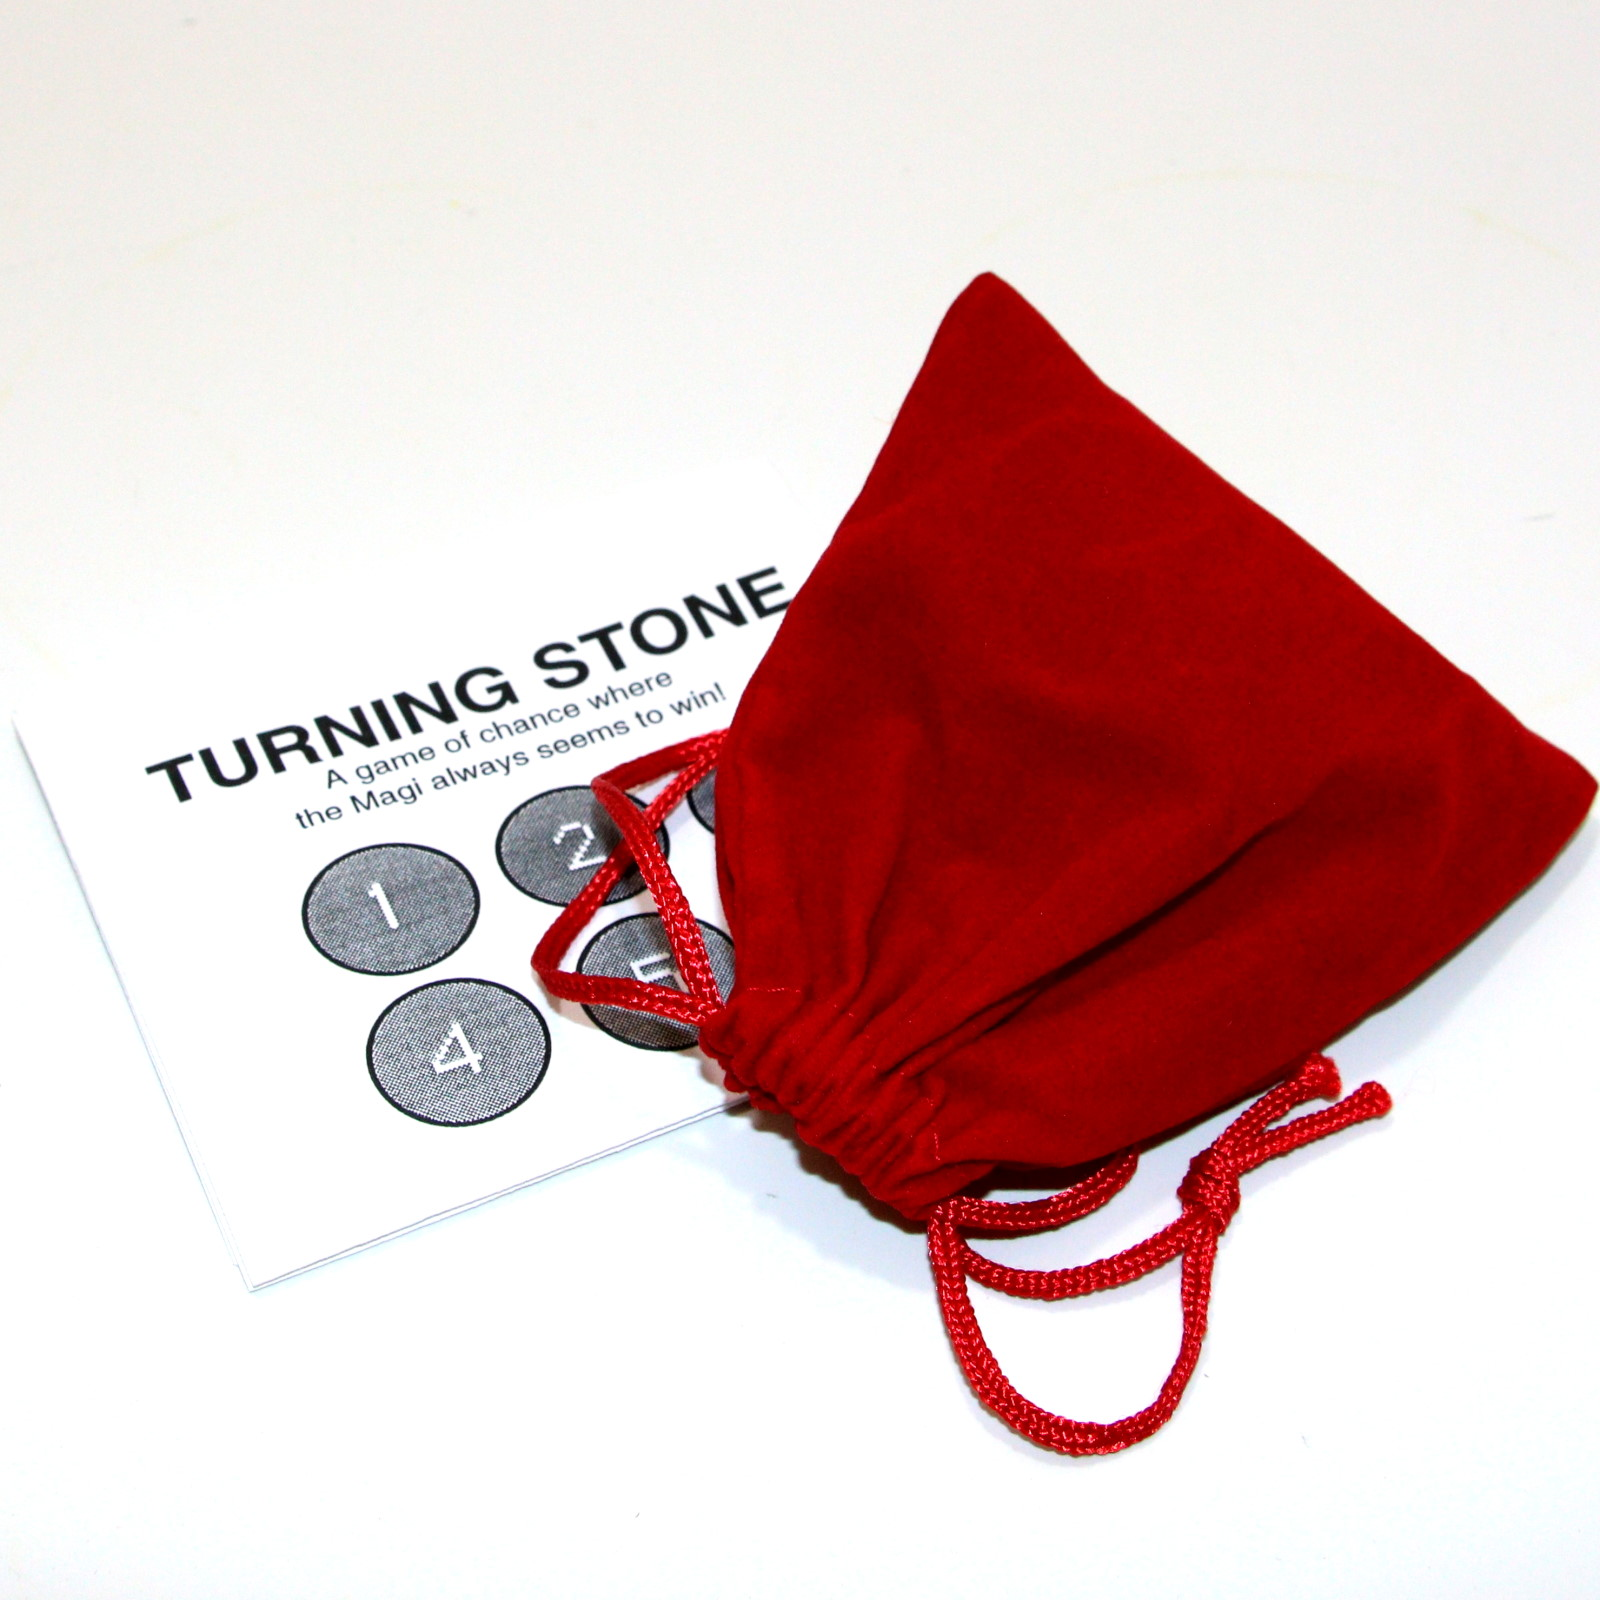 Turning Stone by Jack Ruda